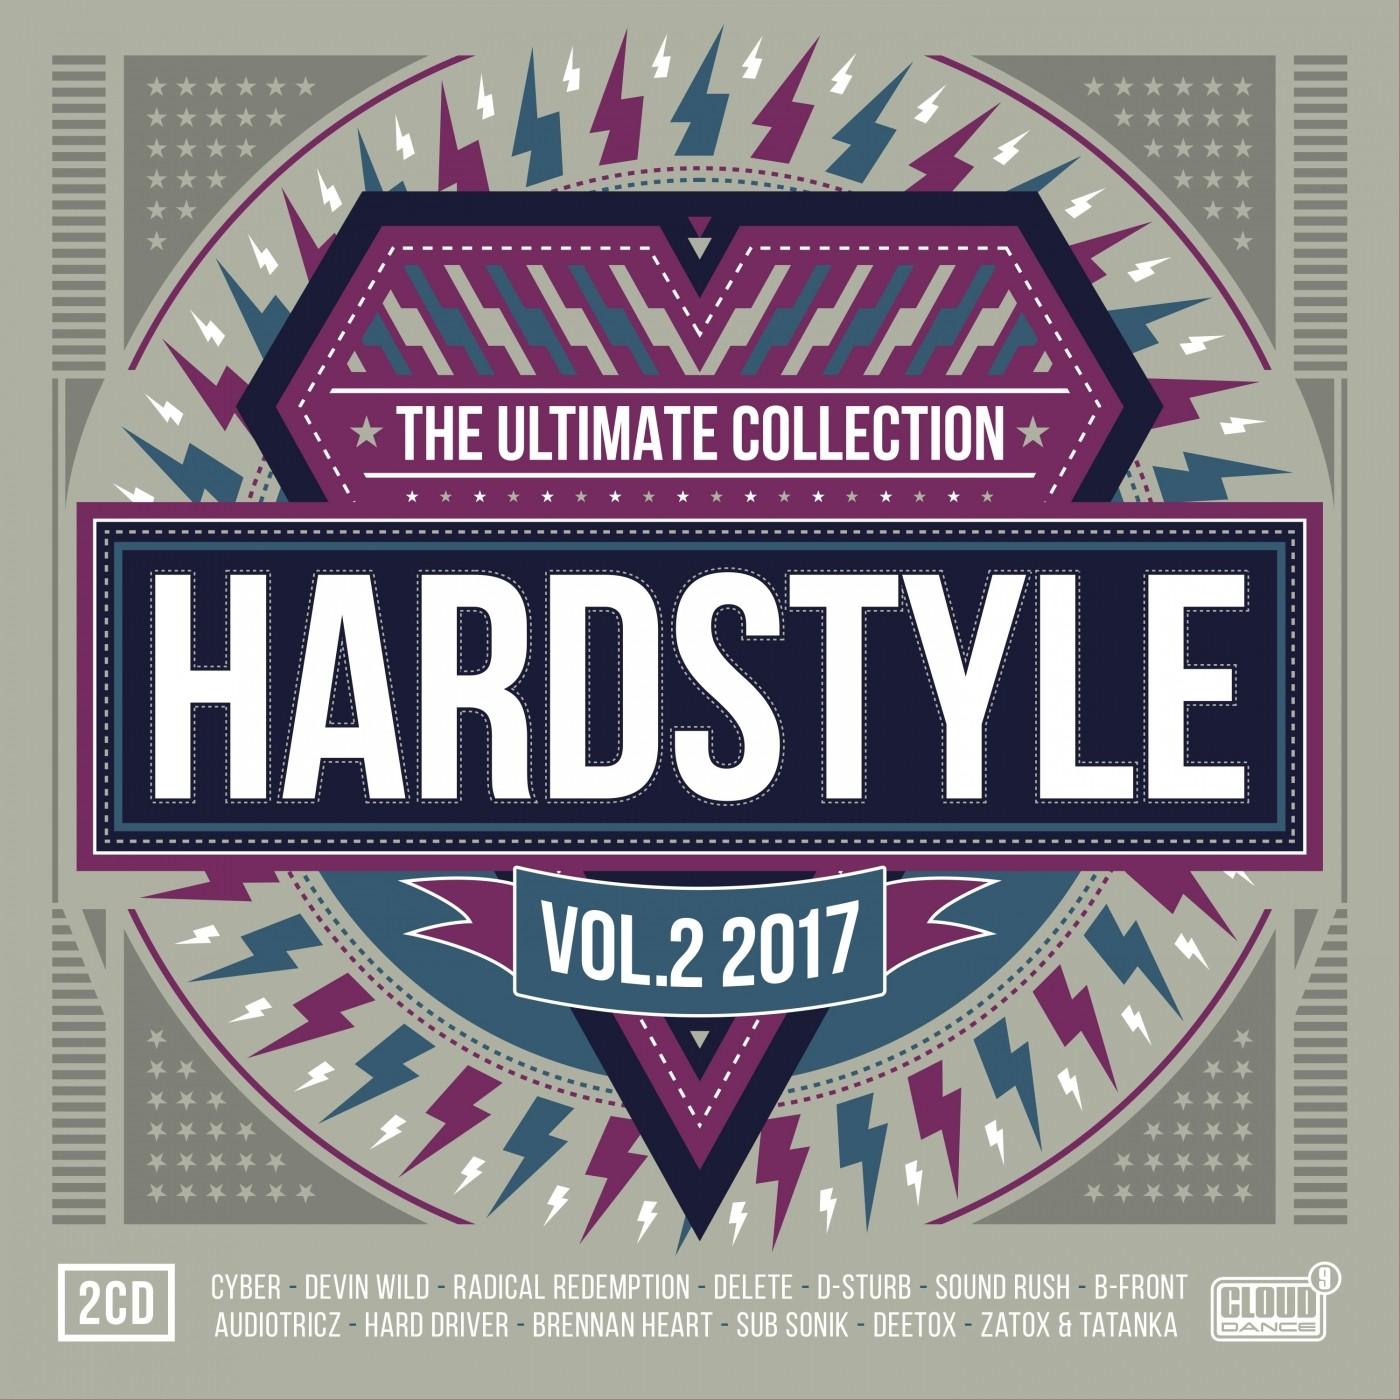 Hardstyle t u c 2017 vol 2 cldm2017006 cd rigeshop for Hardstyle house